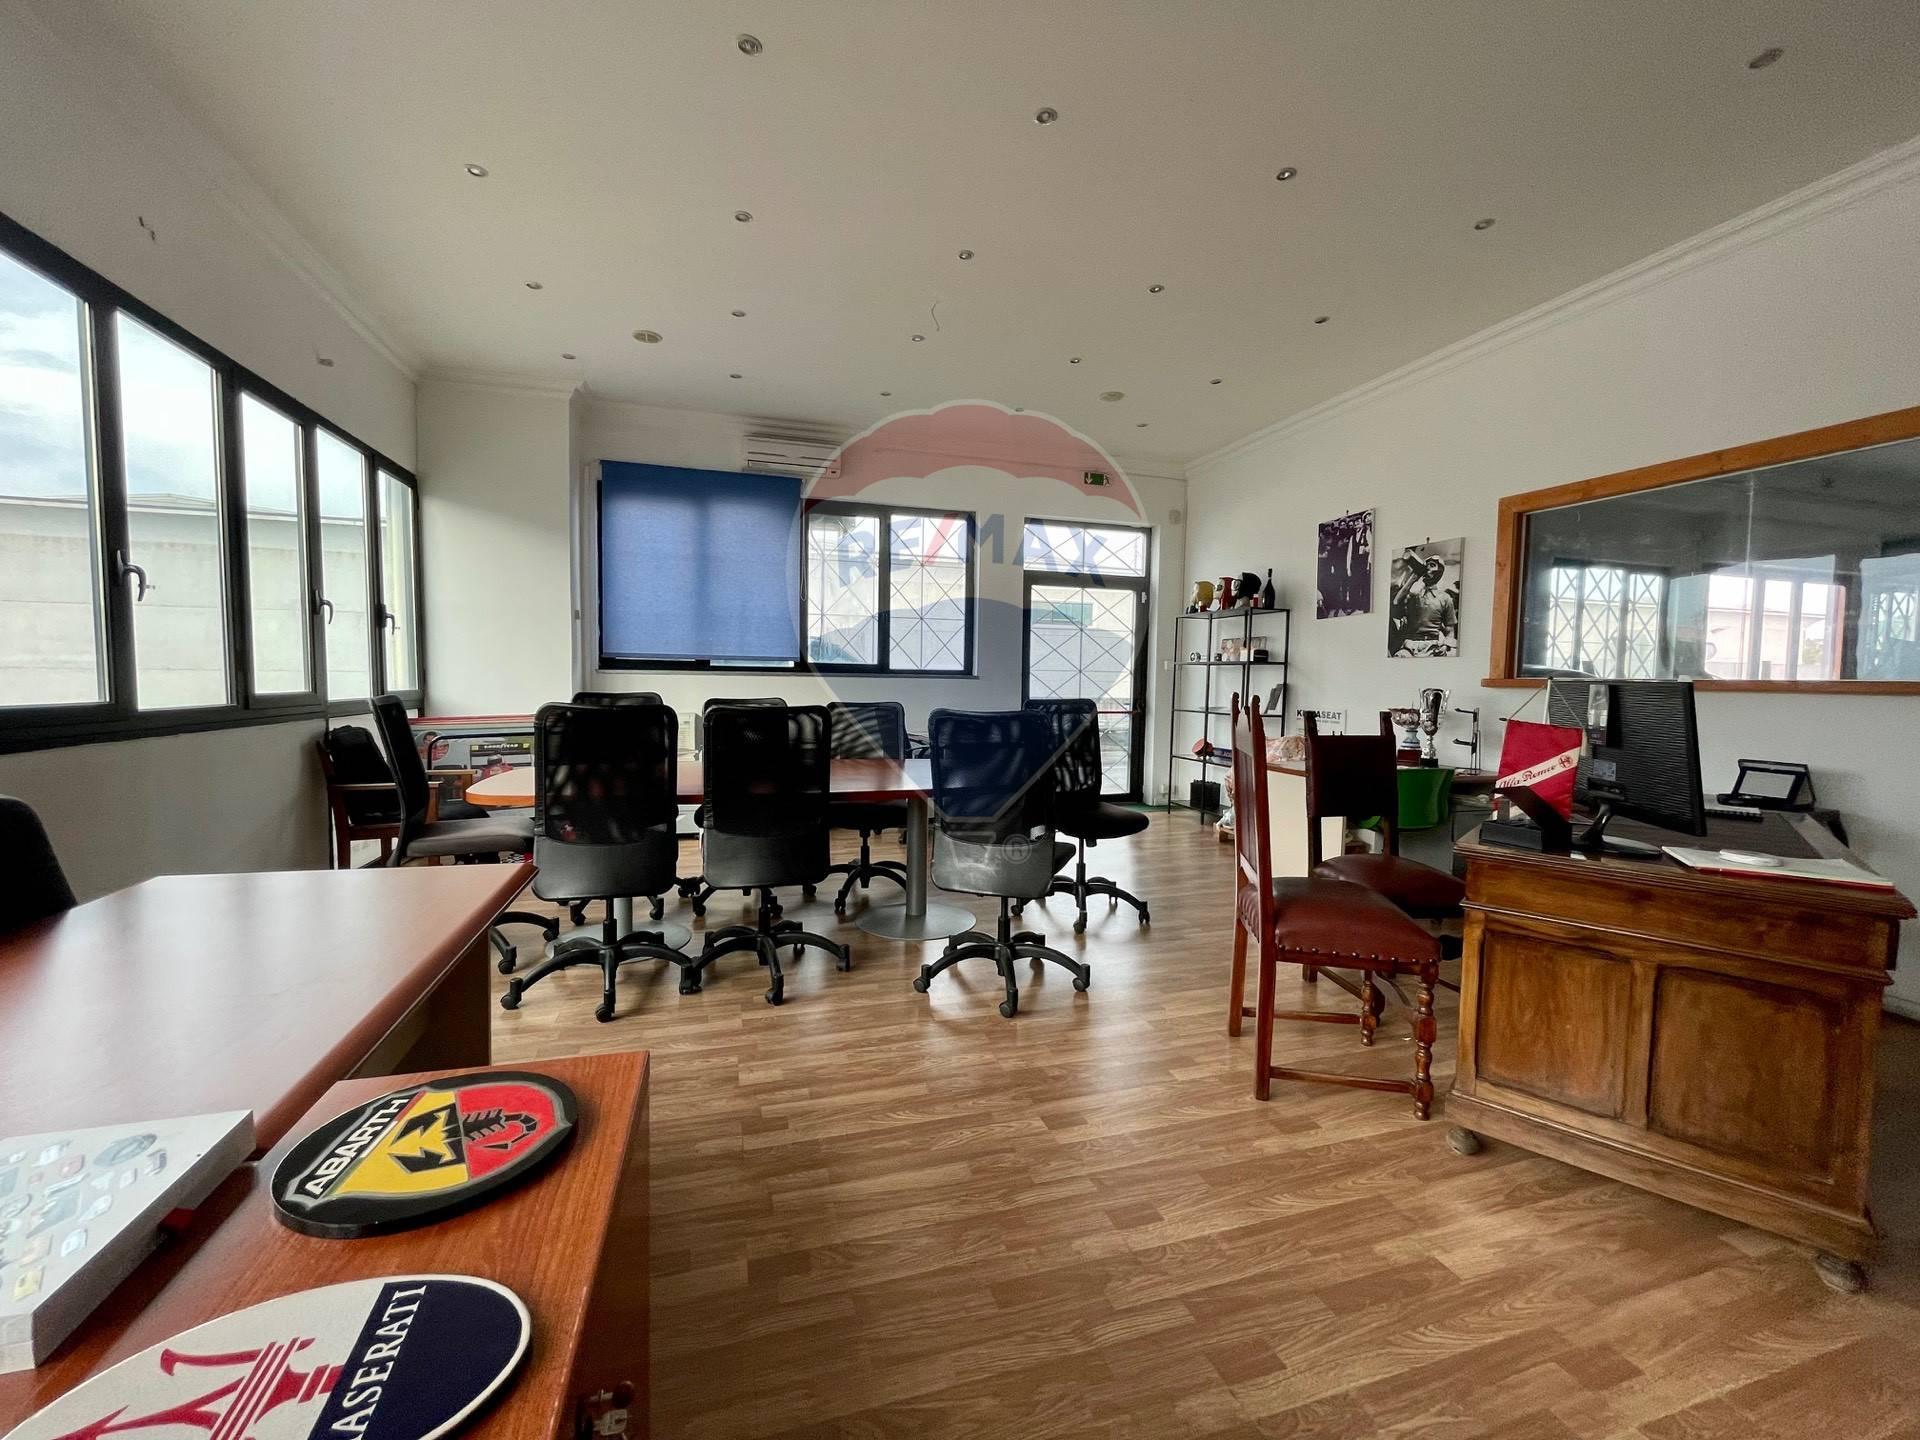 Laboratorio in vendita a Formello, 9999 locali, prezzo € 265.000 | CambioCasa.it